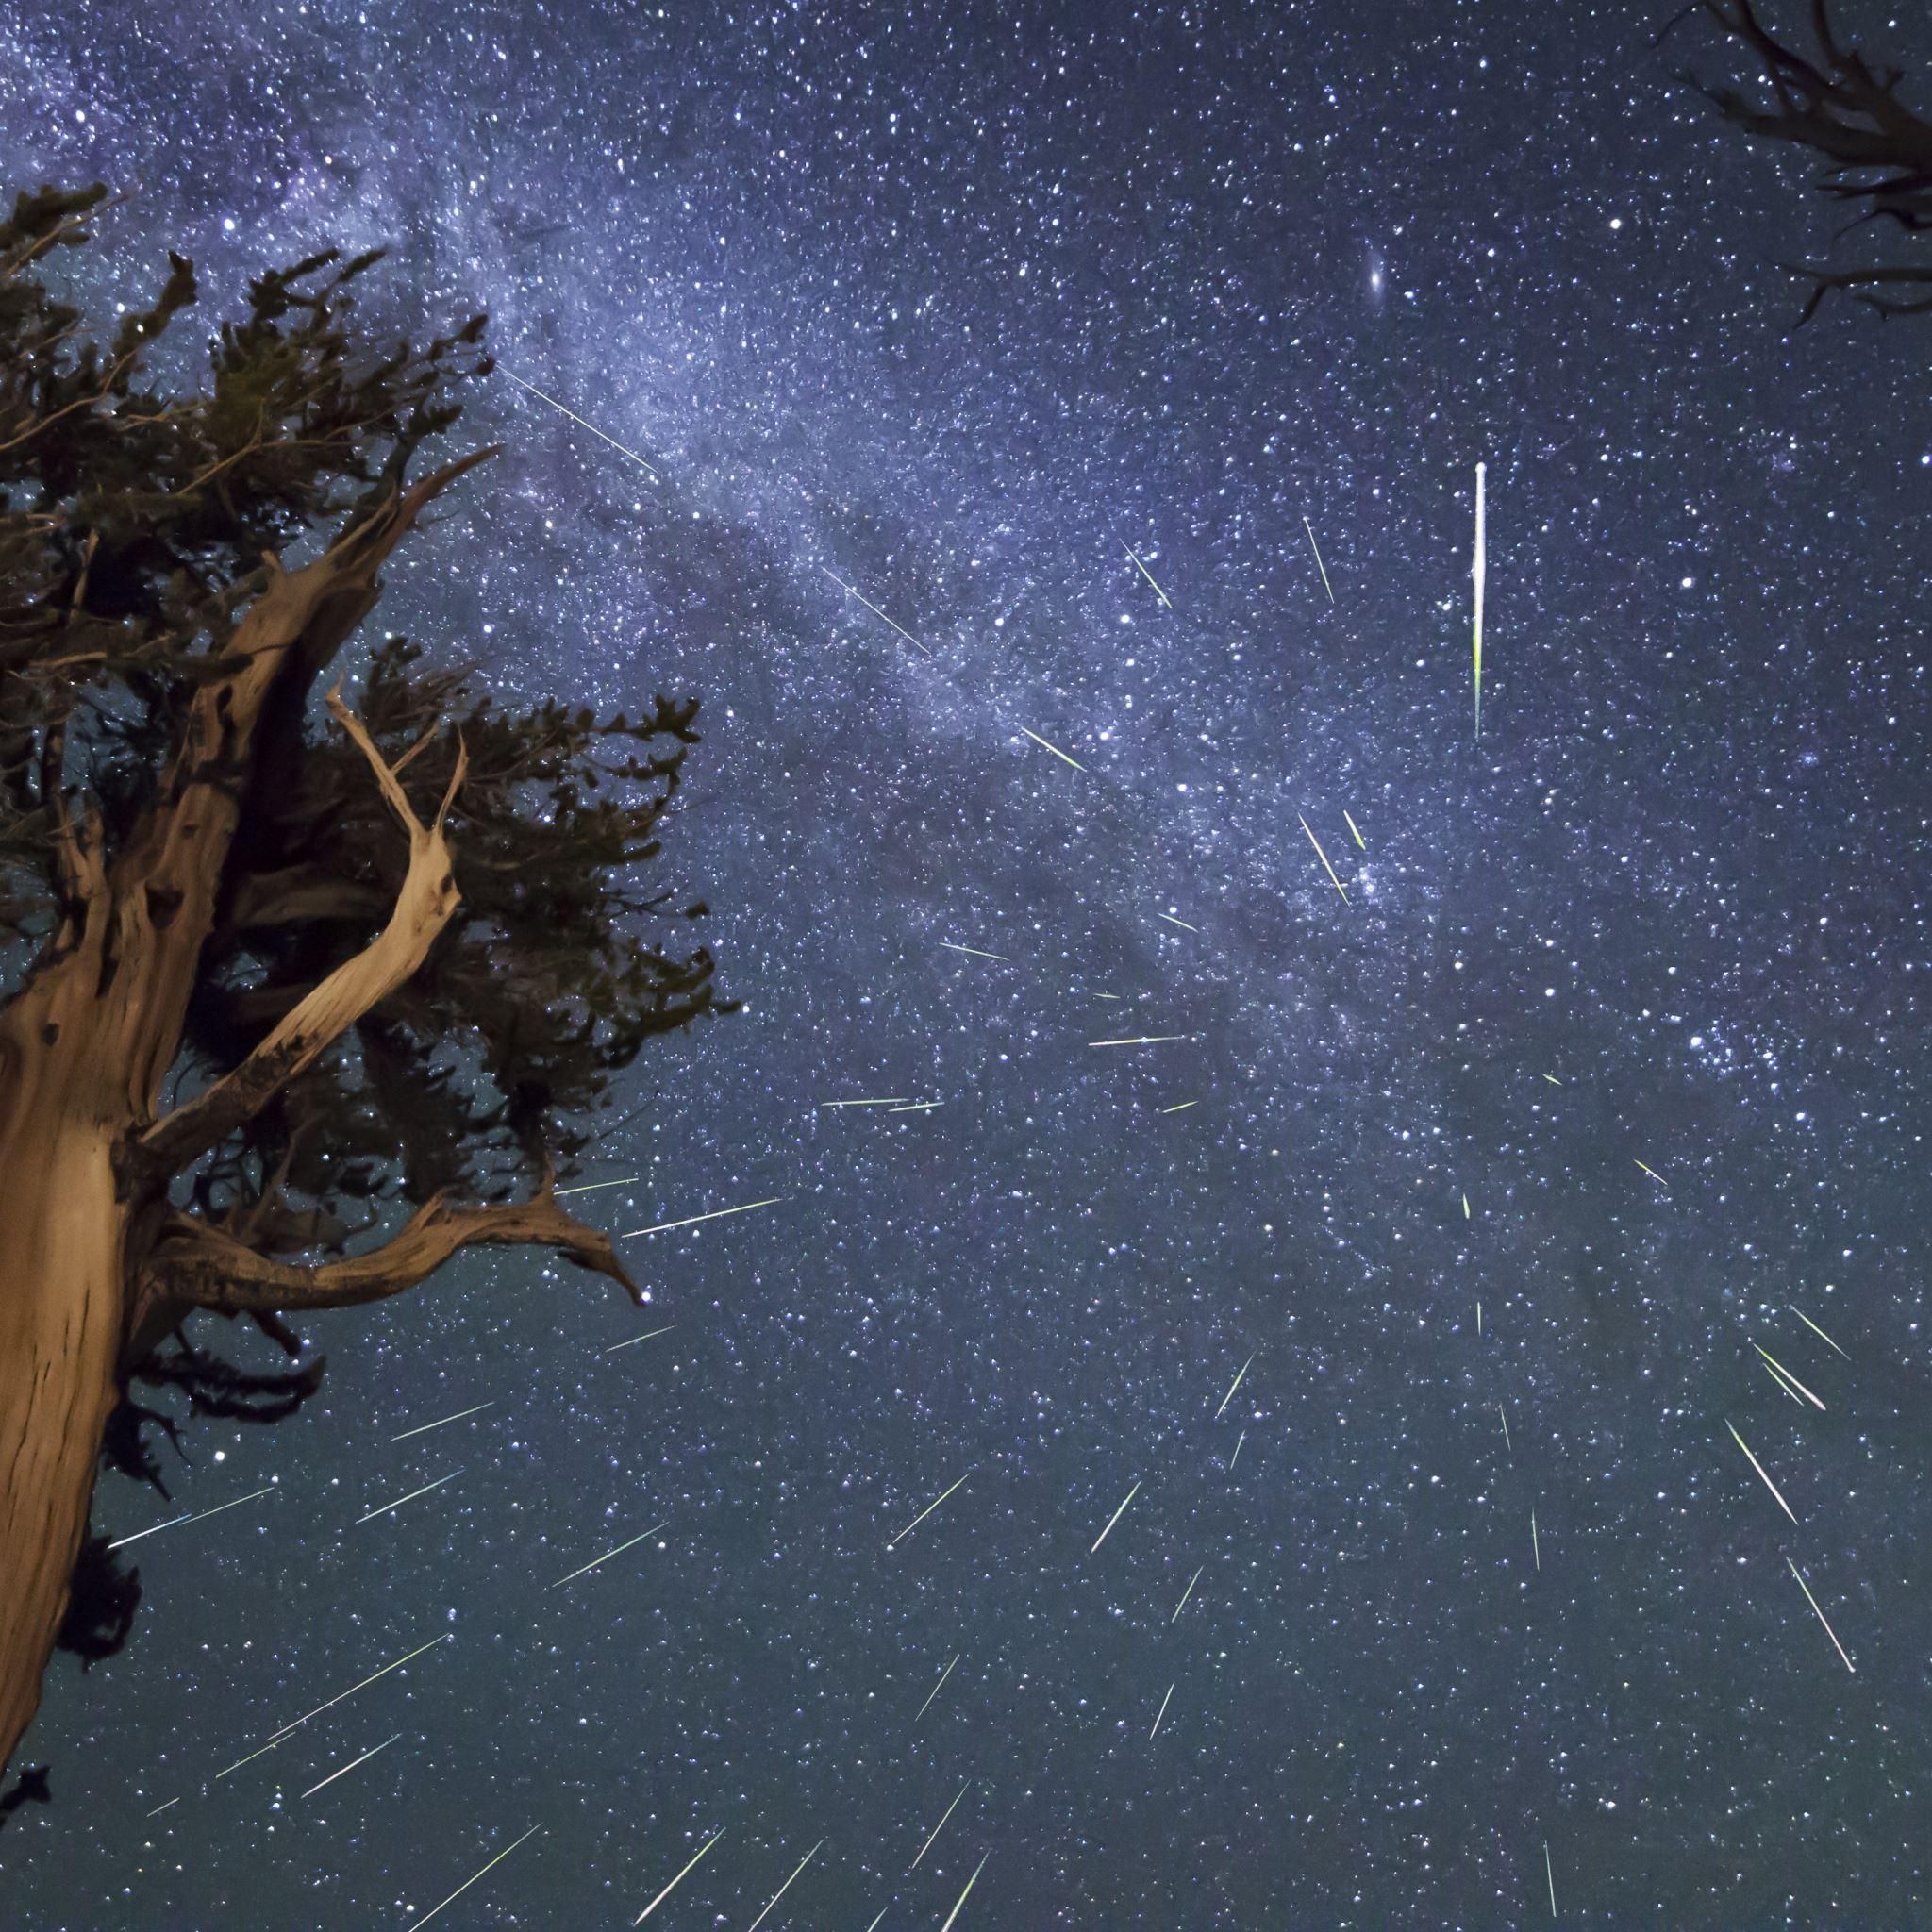 Meteors Perseids Bristlecone Meteor Shower iPad Air wallpaper